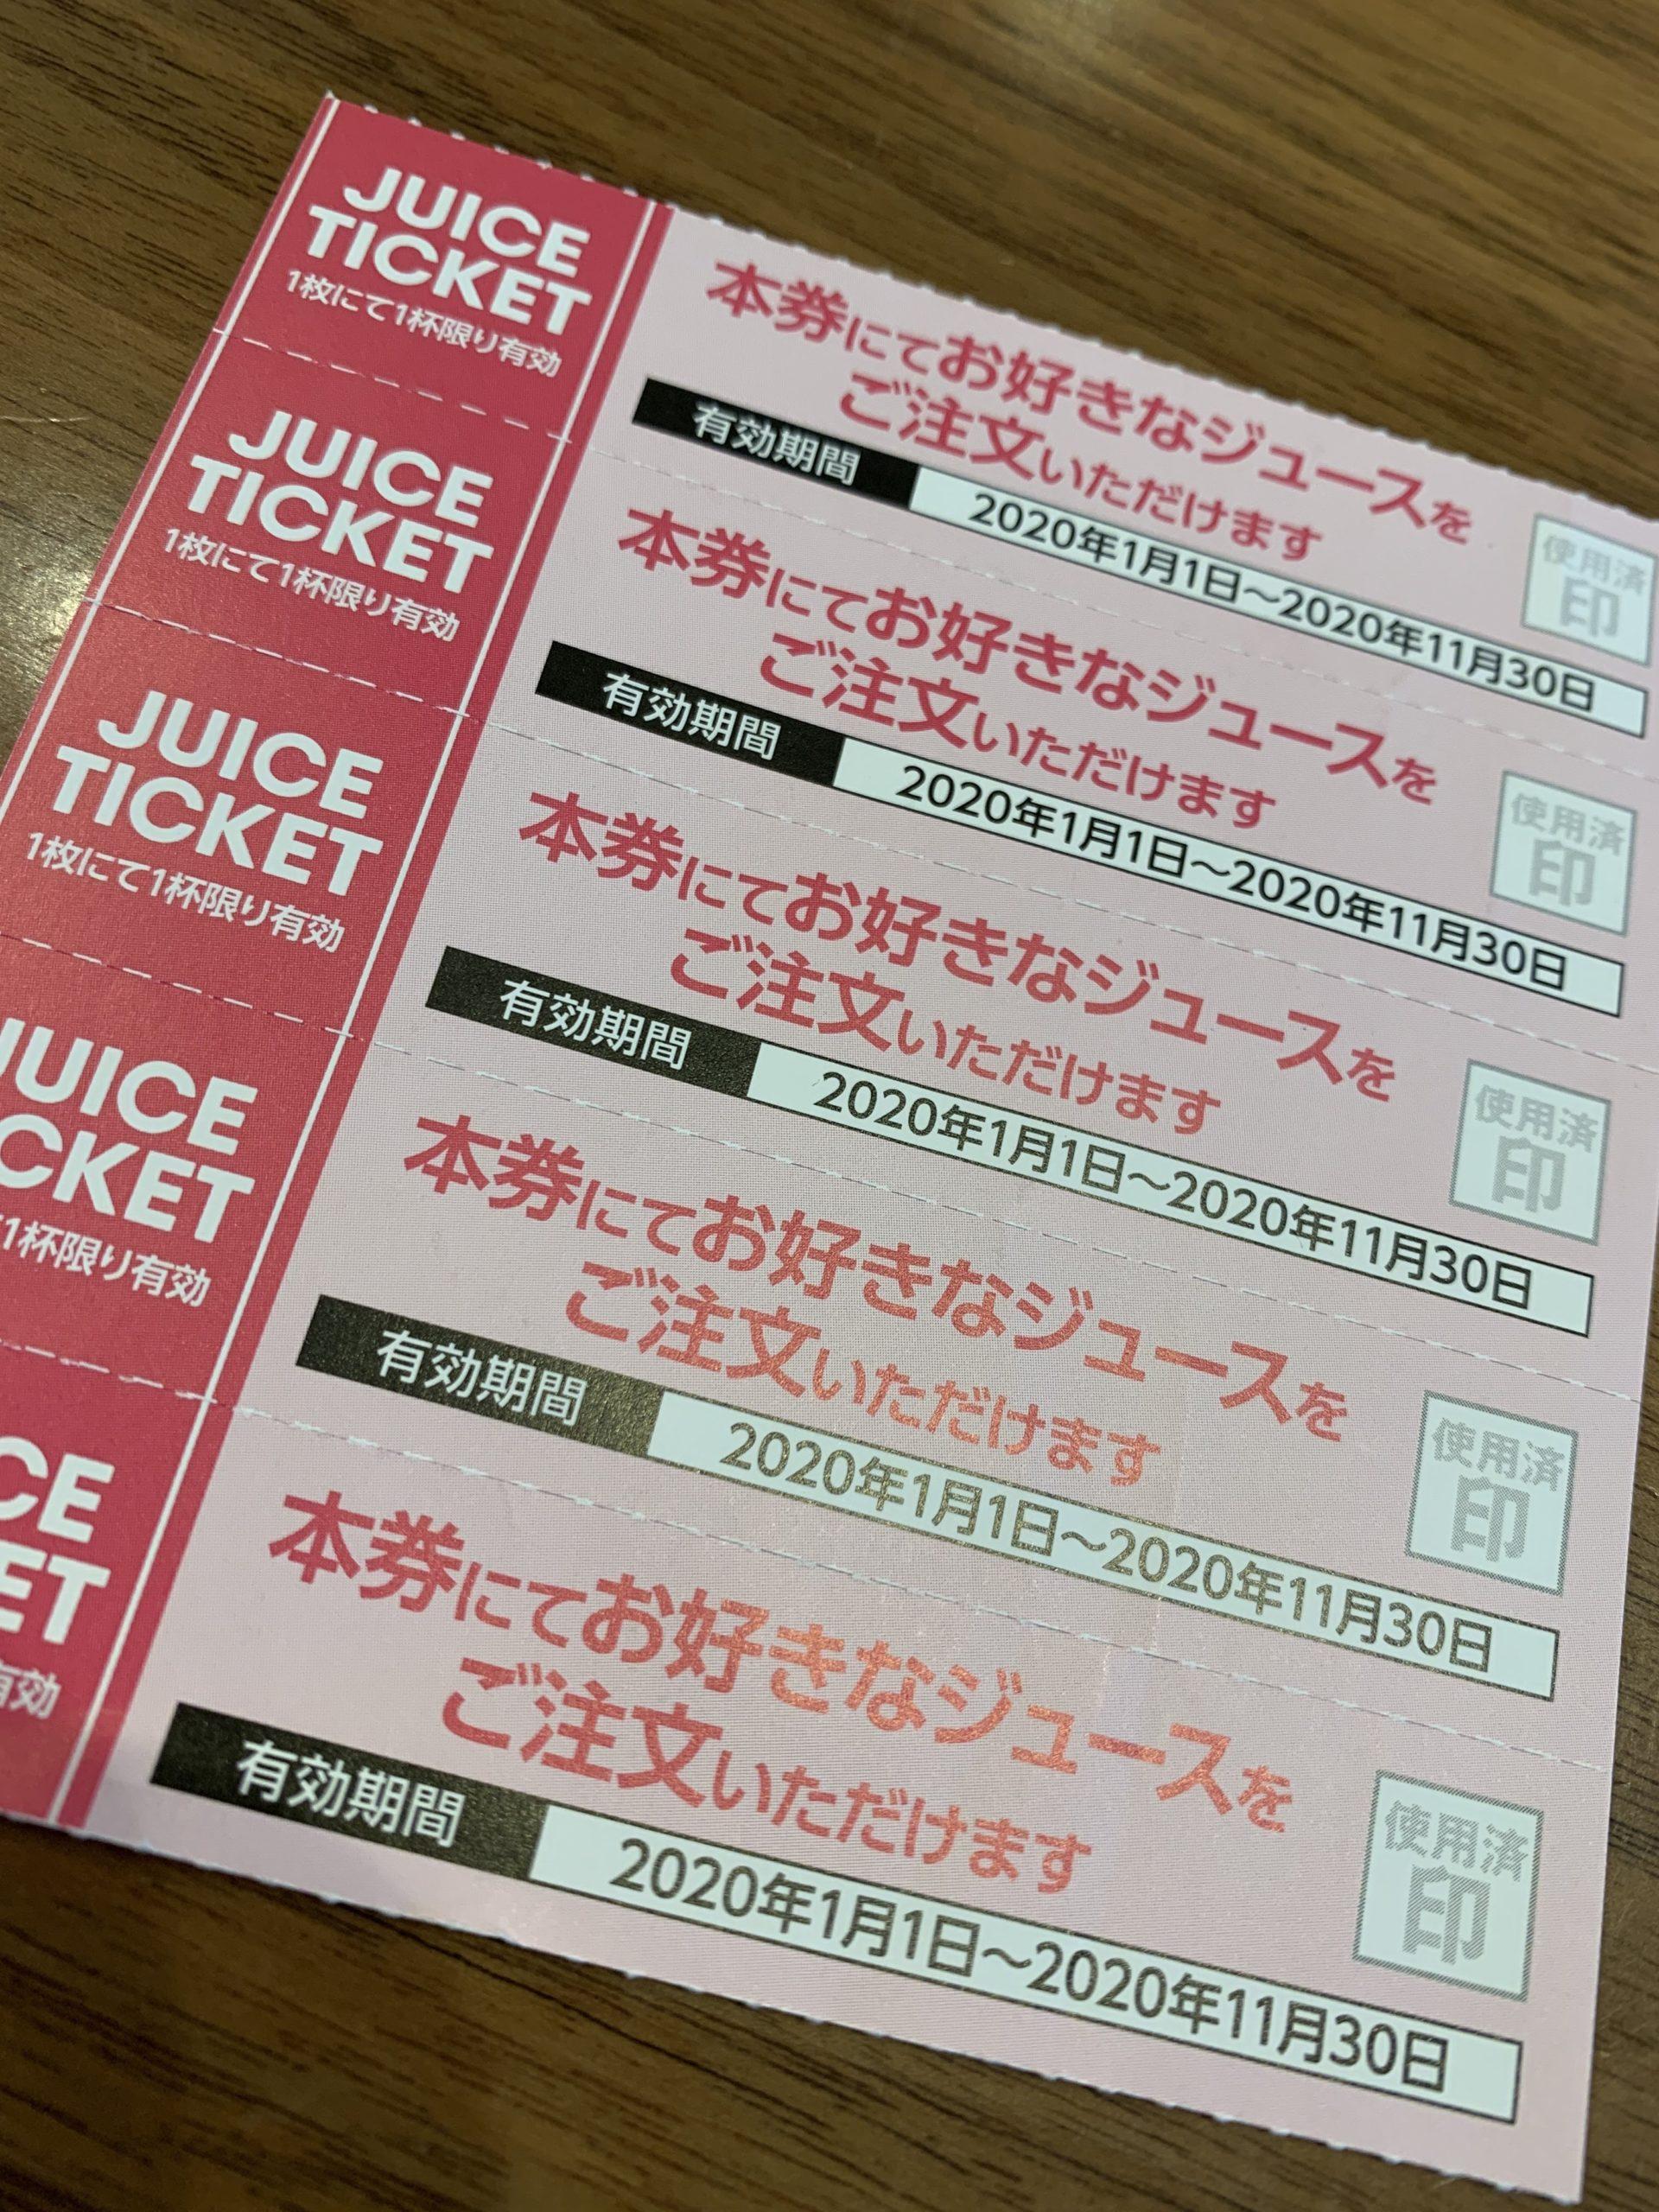 果汁工房果琳(カリン)の生ジュースチケットが延長:2020年福袋より